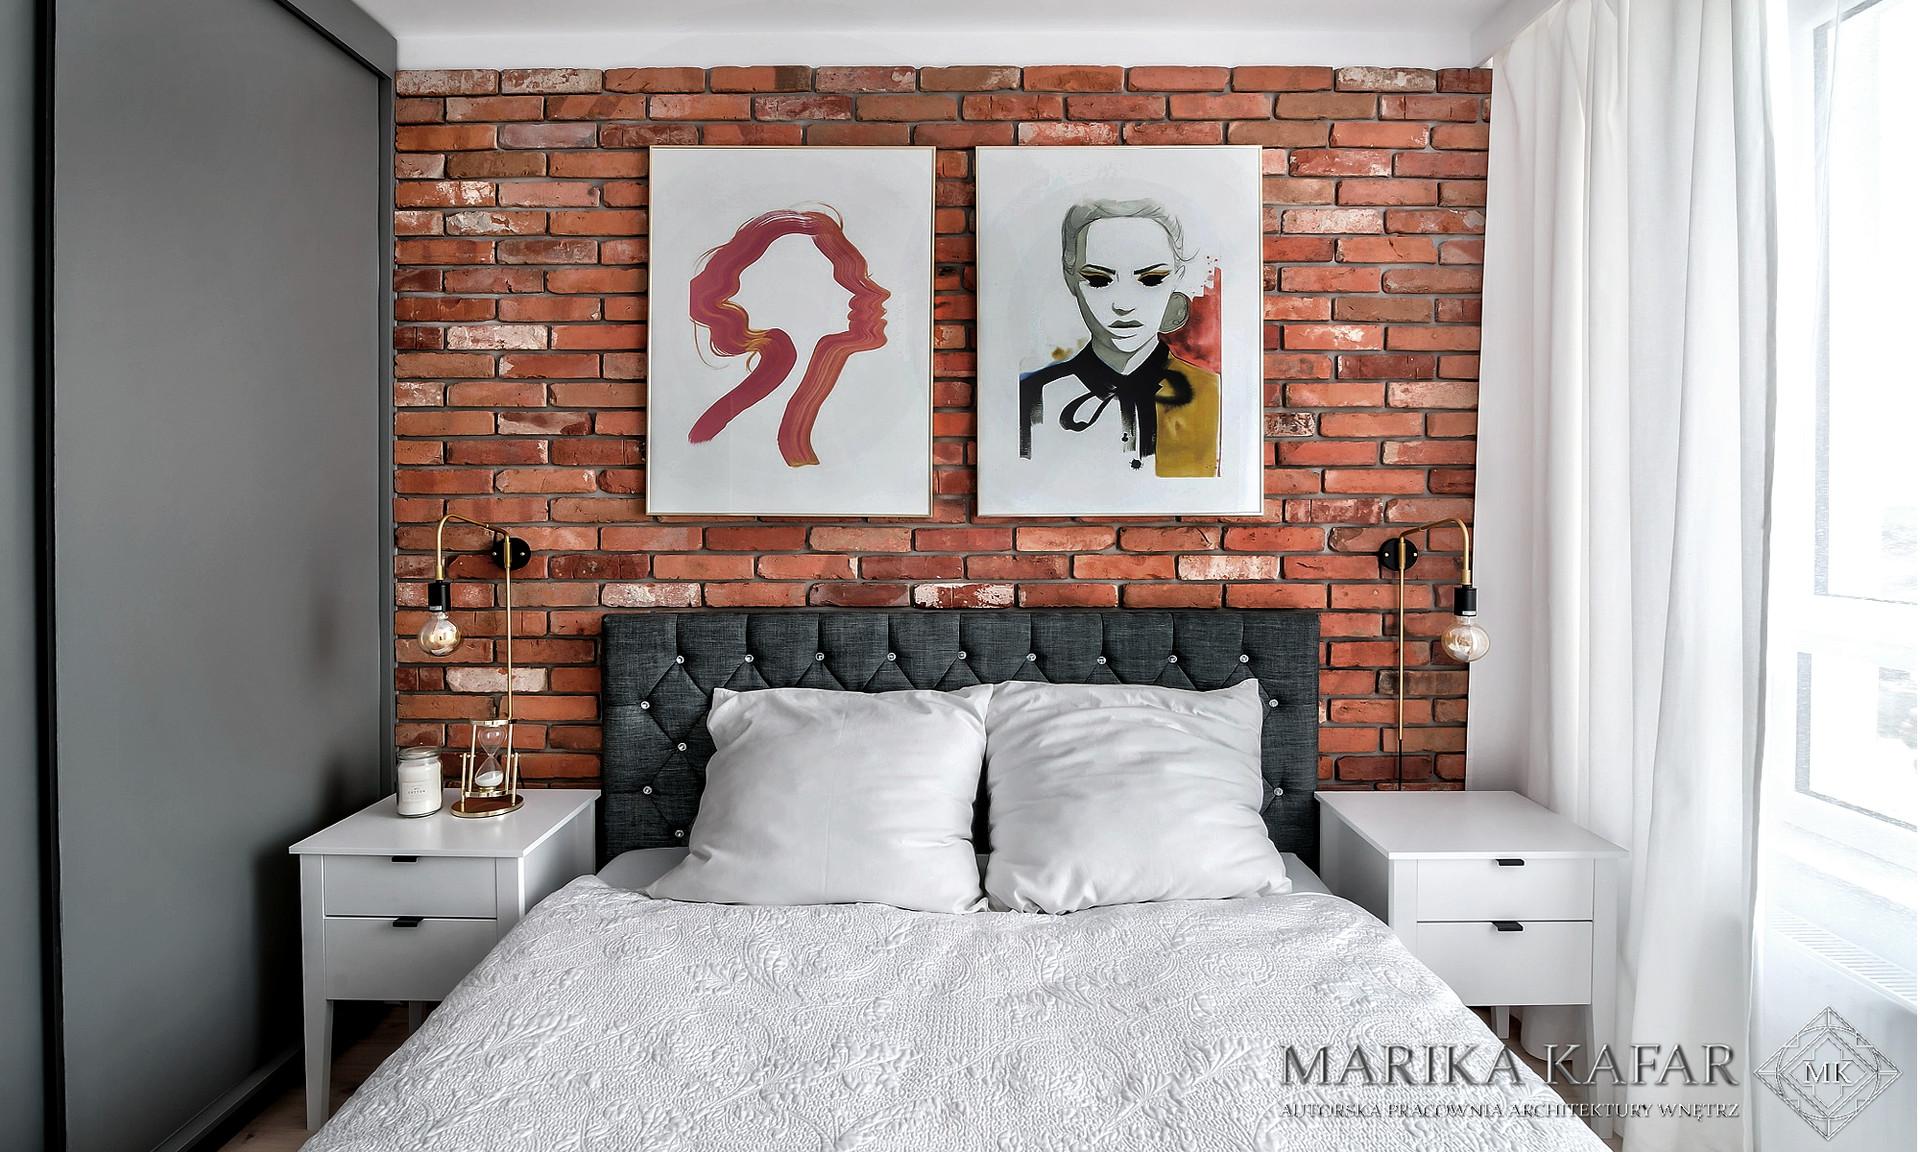 Marika Kafar. Sypialnia w stylu loftowym.